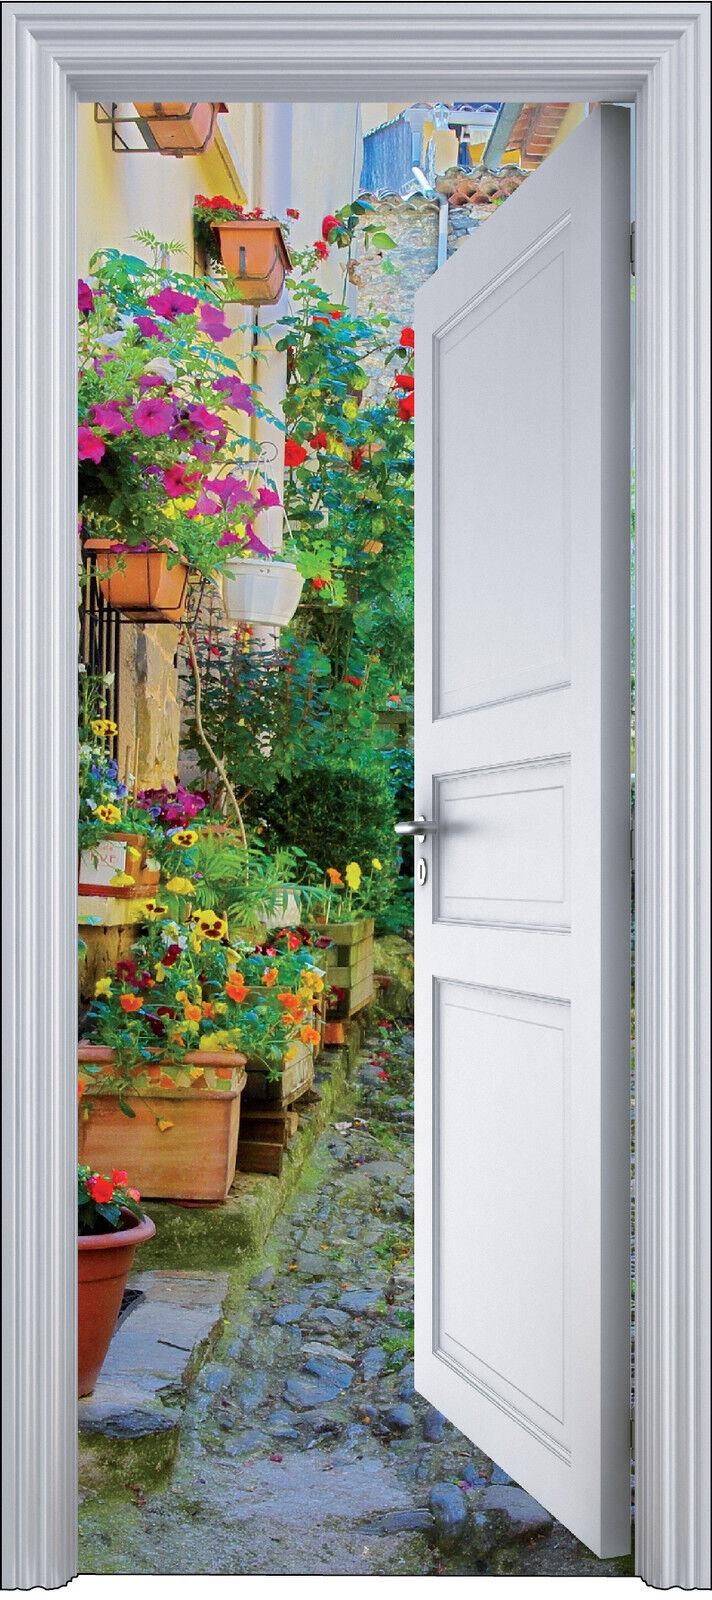 Adhesivo Puerta Trompa Trampantojo Decoración Callejuela con Flores 90x200 Cm